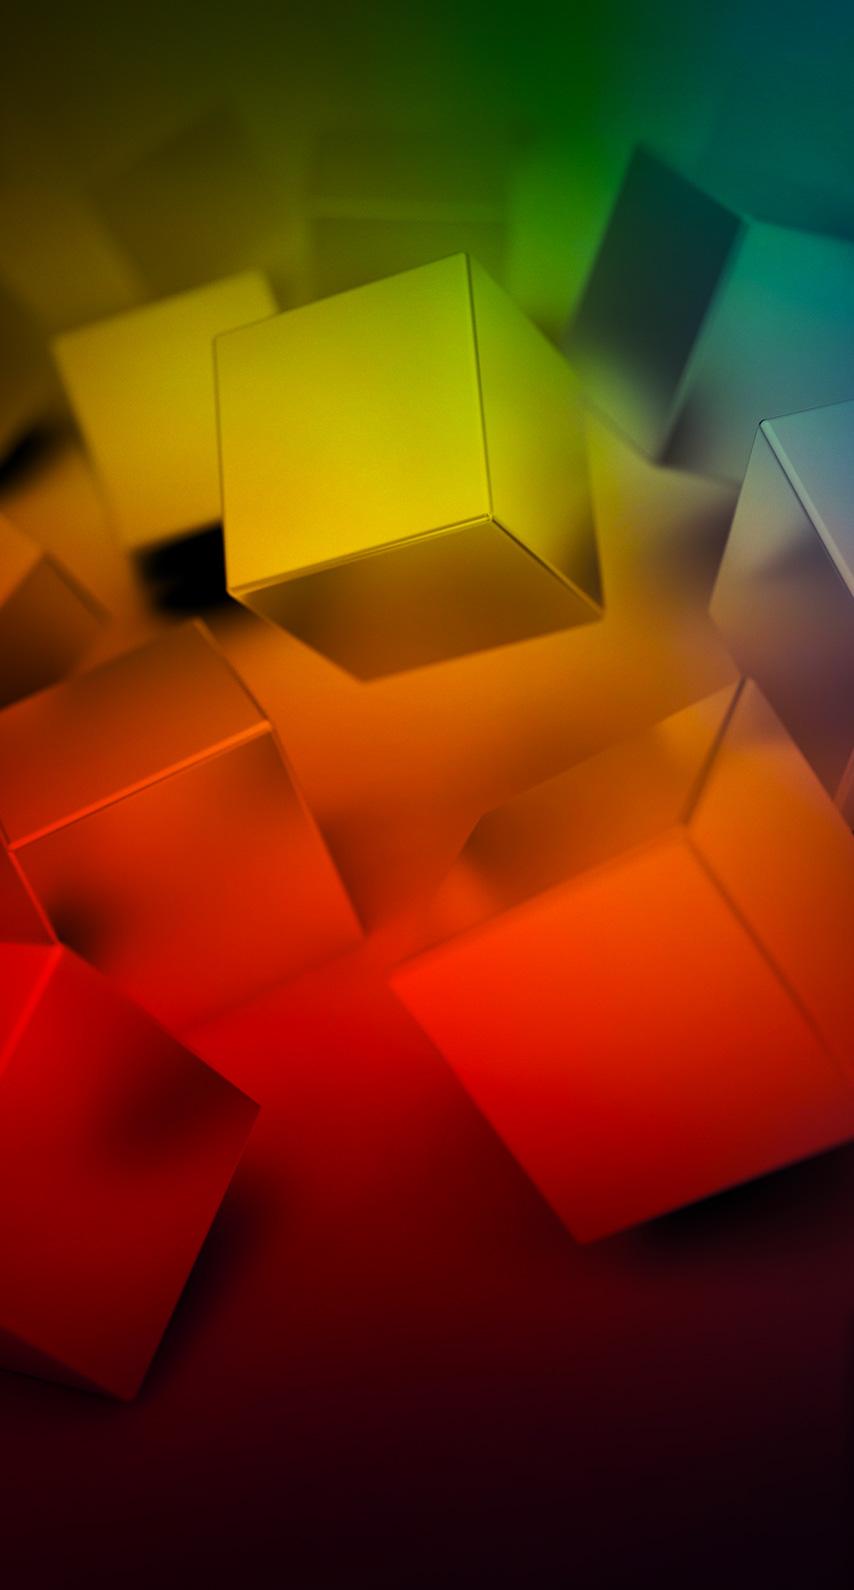 art, cubes